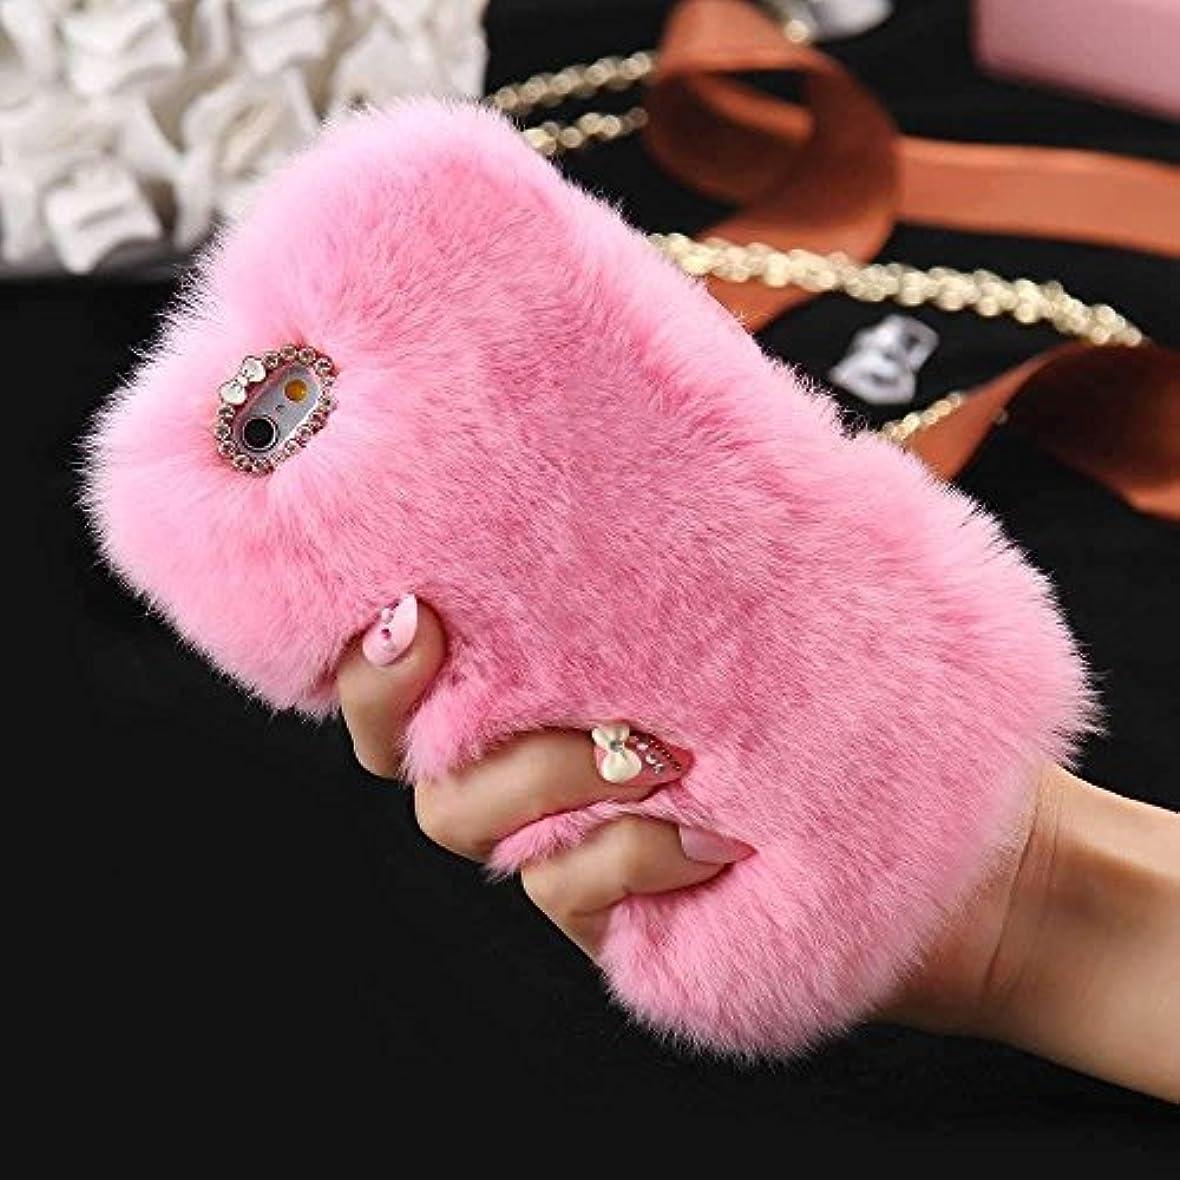 注釈を付ける開始聖人iPhone 7 ケース おしゃれ INorton 保護カバー 耐衝撃 軽量 薄型 女の子 かわいい 冬に最適 iPhone 7対応